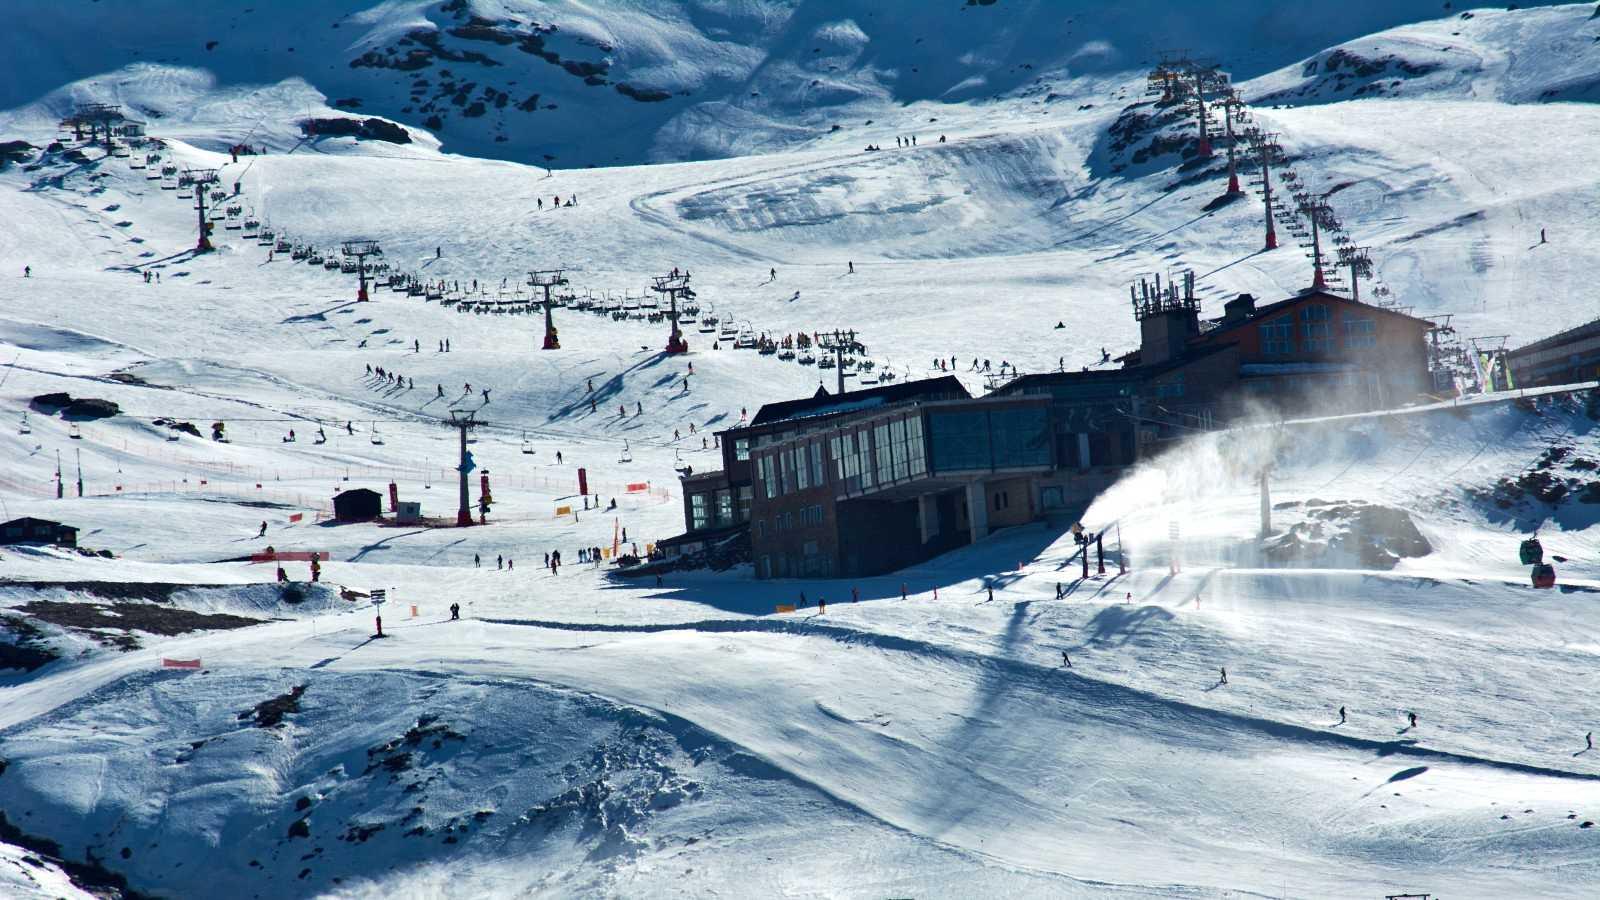 Gobierno y CC.AA estudian la reapertura de las estaciones de esquí, mientras Alemania pide su cierre en toda Europa